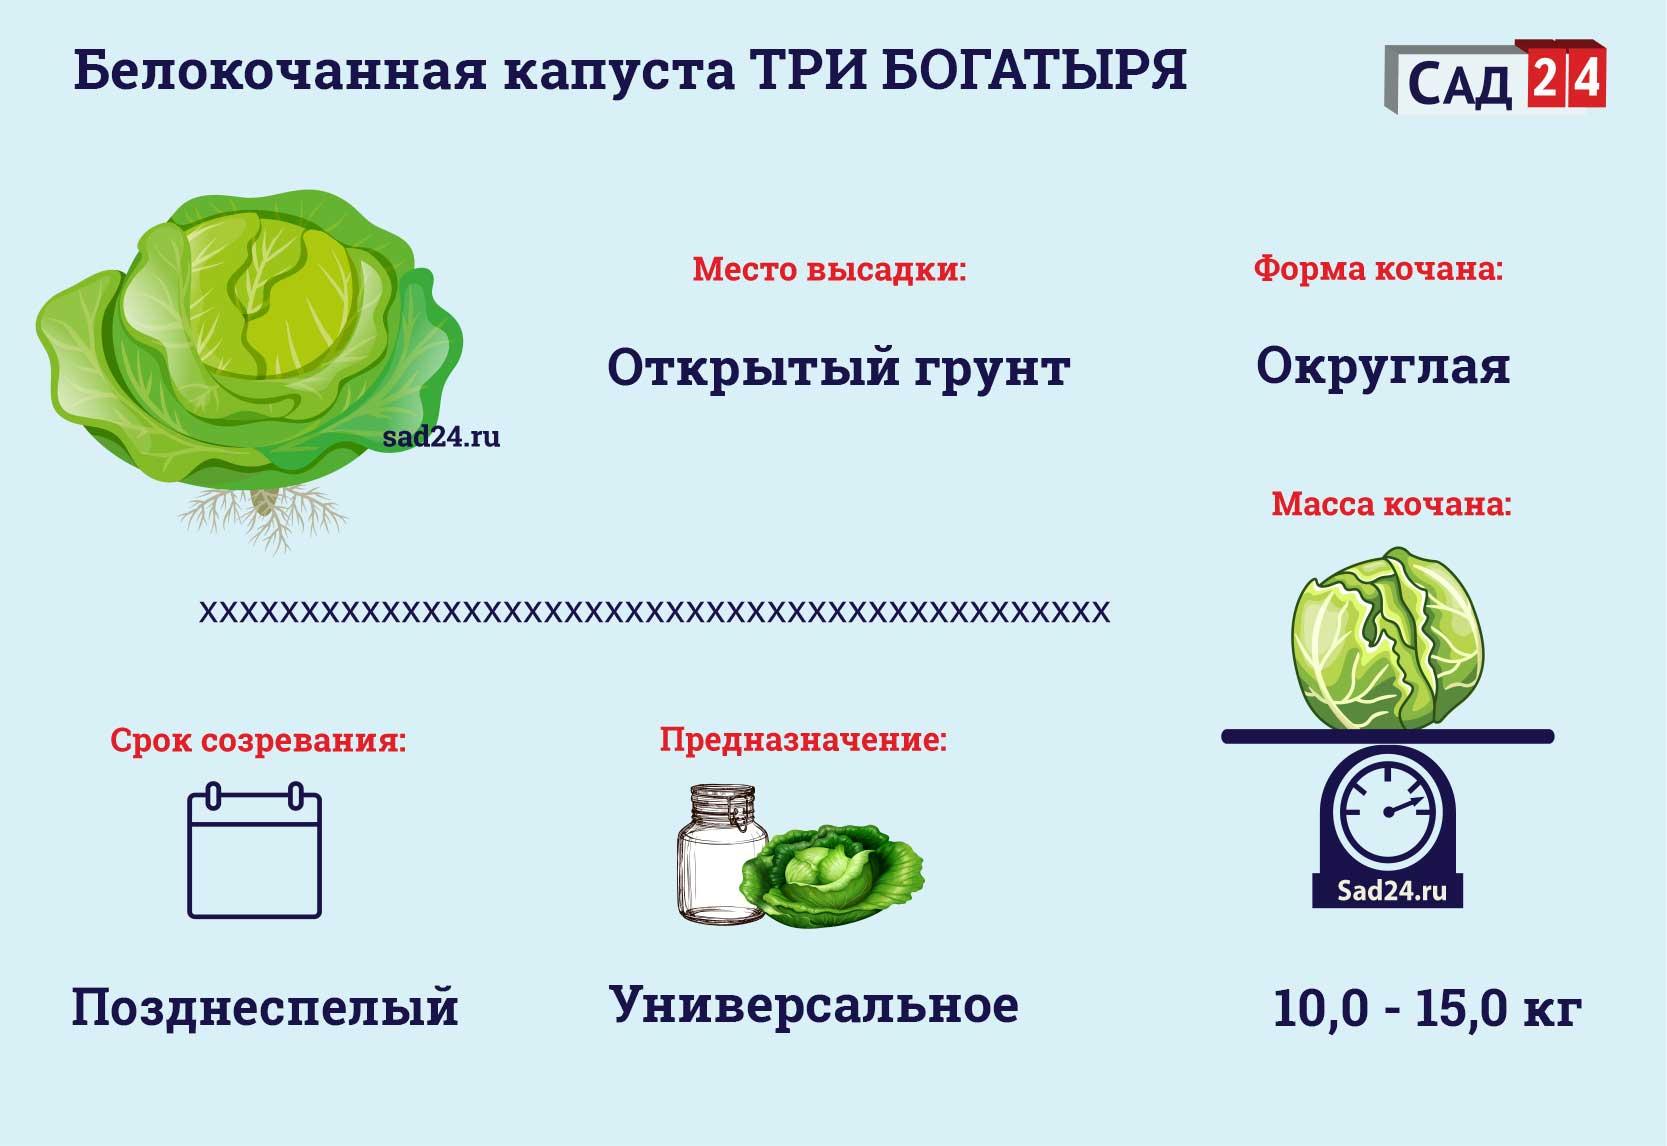 Три богатыря - sad24.ru